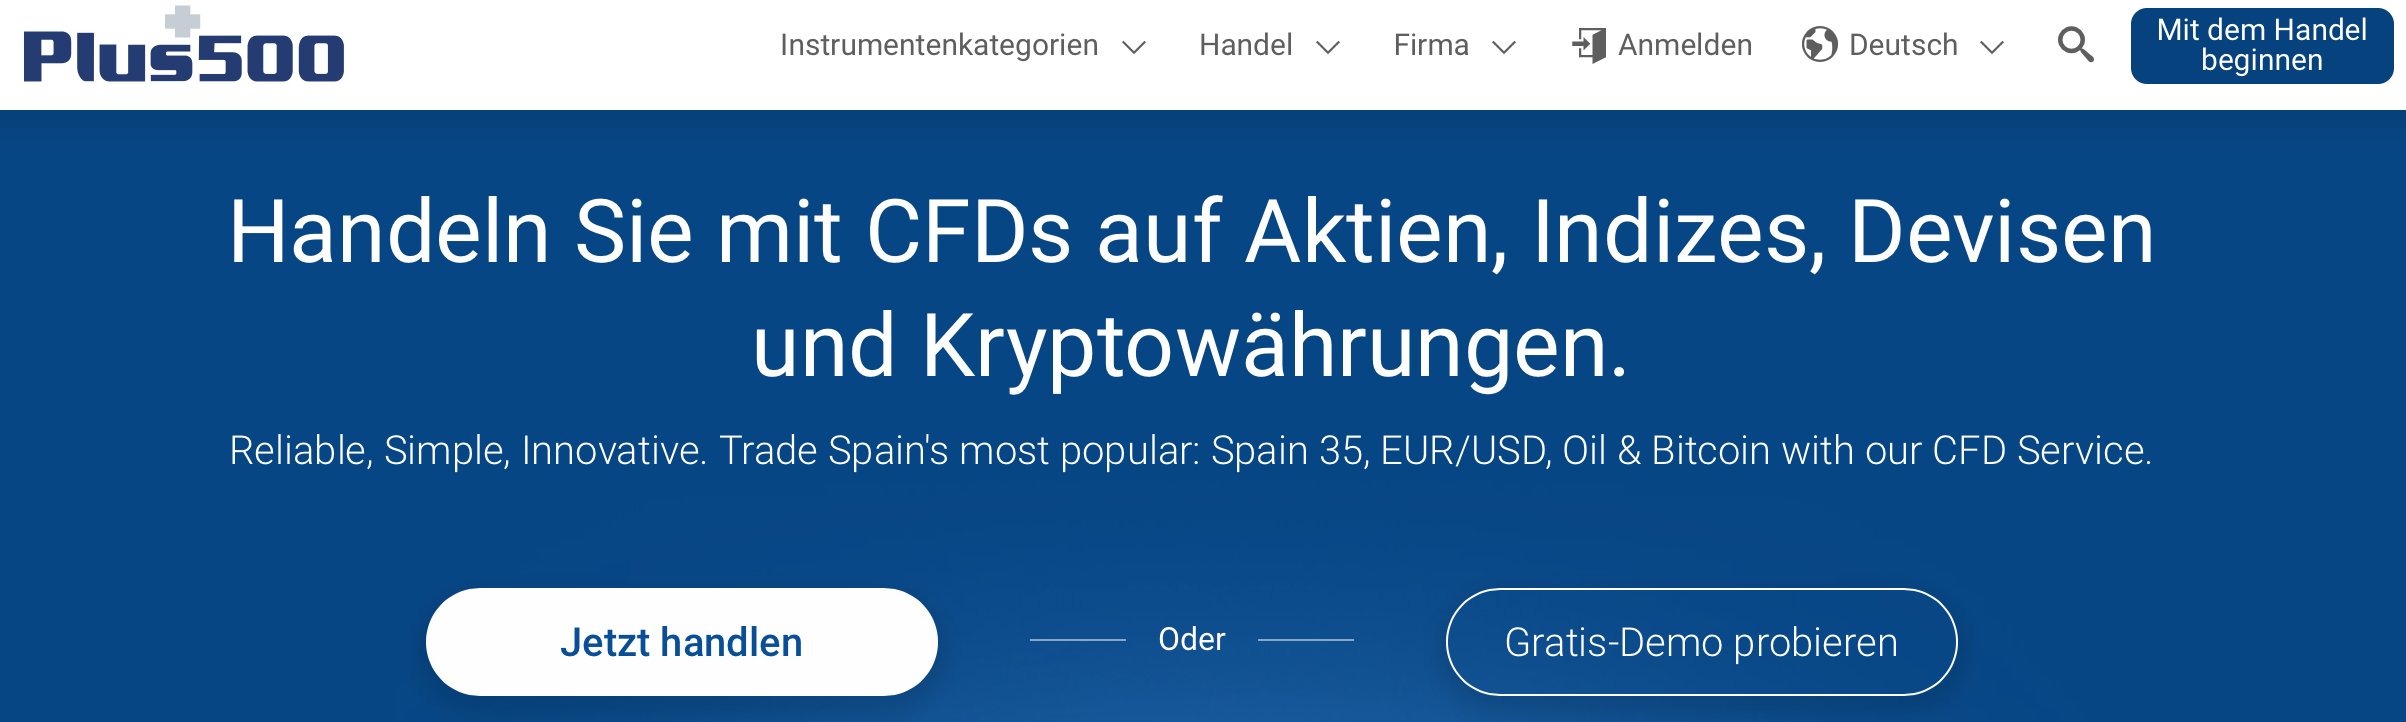 Plus 500 Konto Löschen